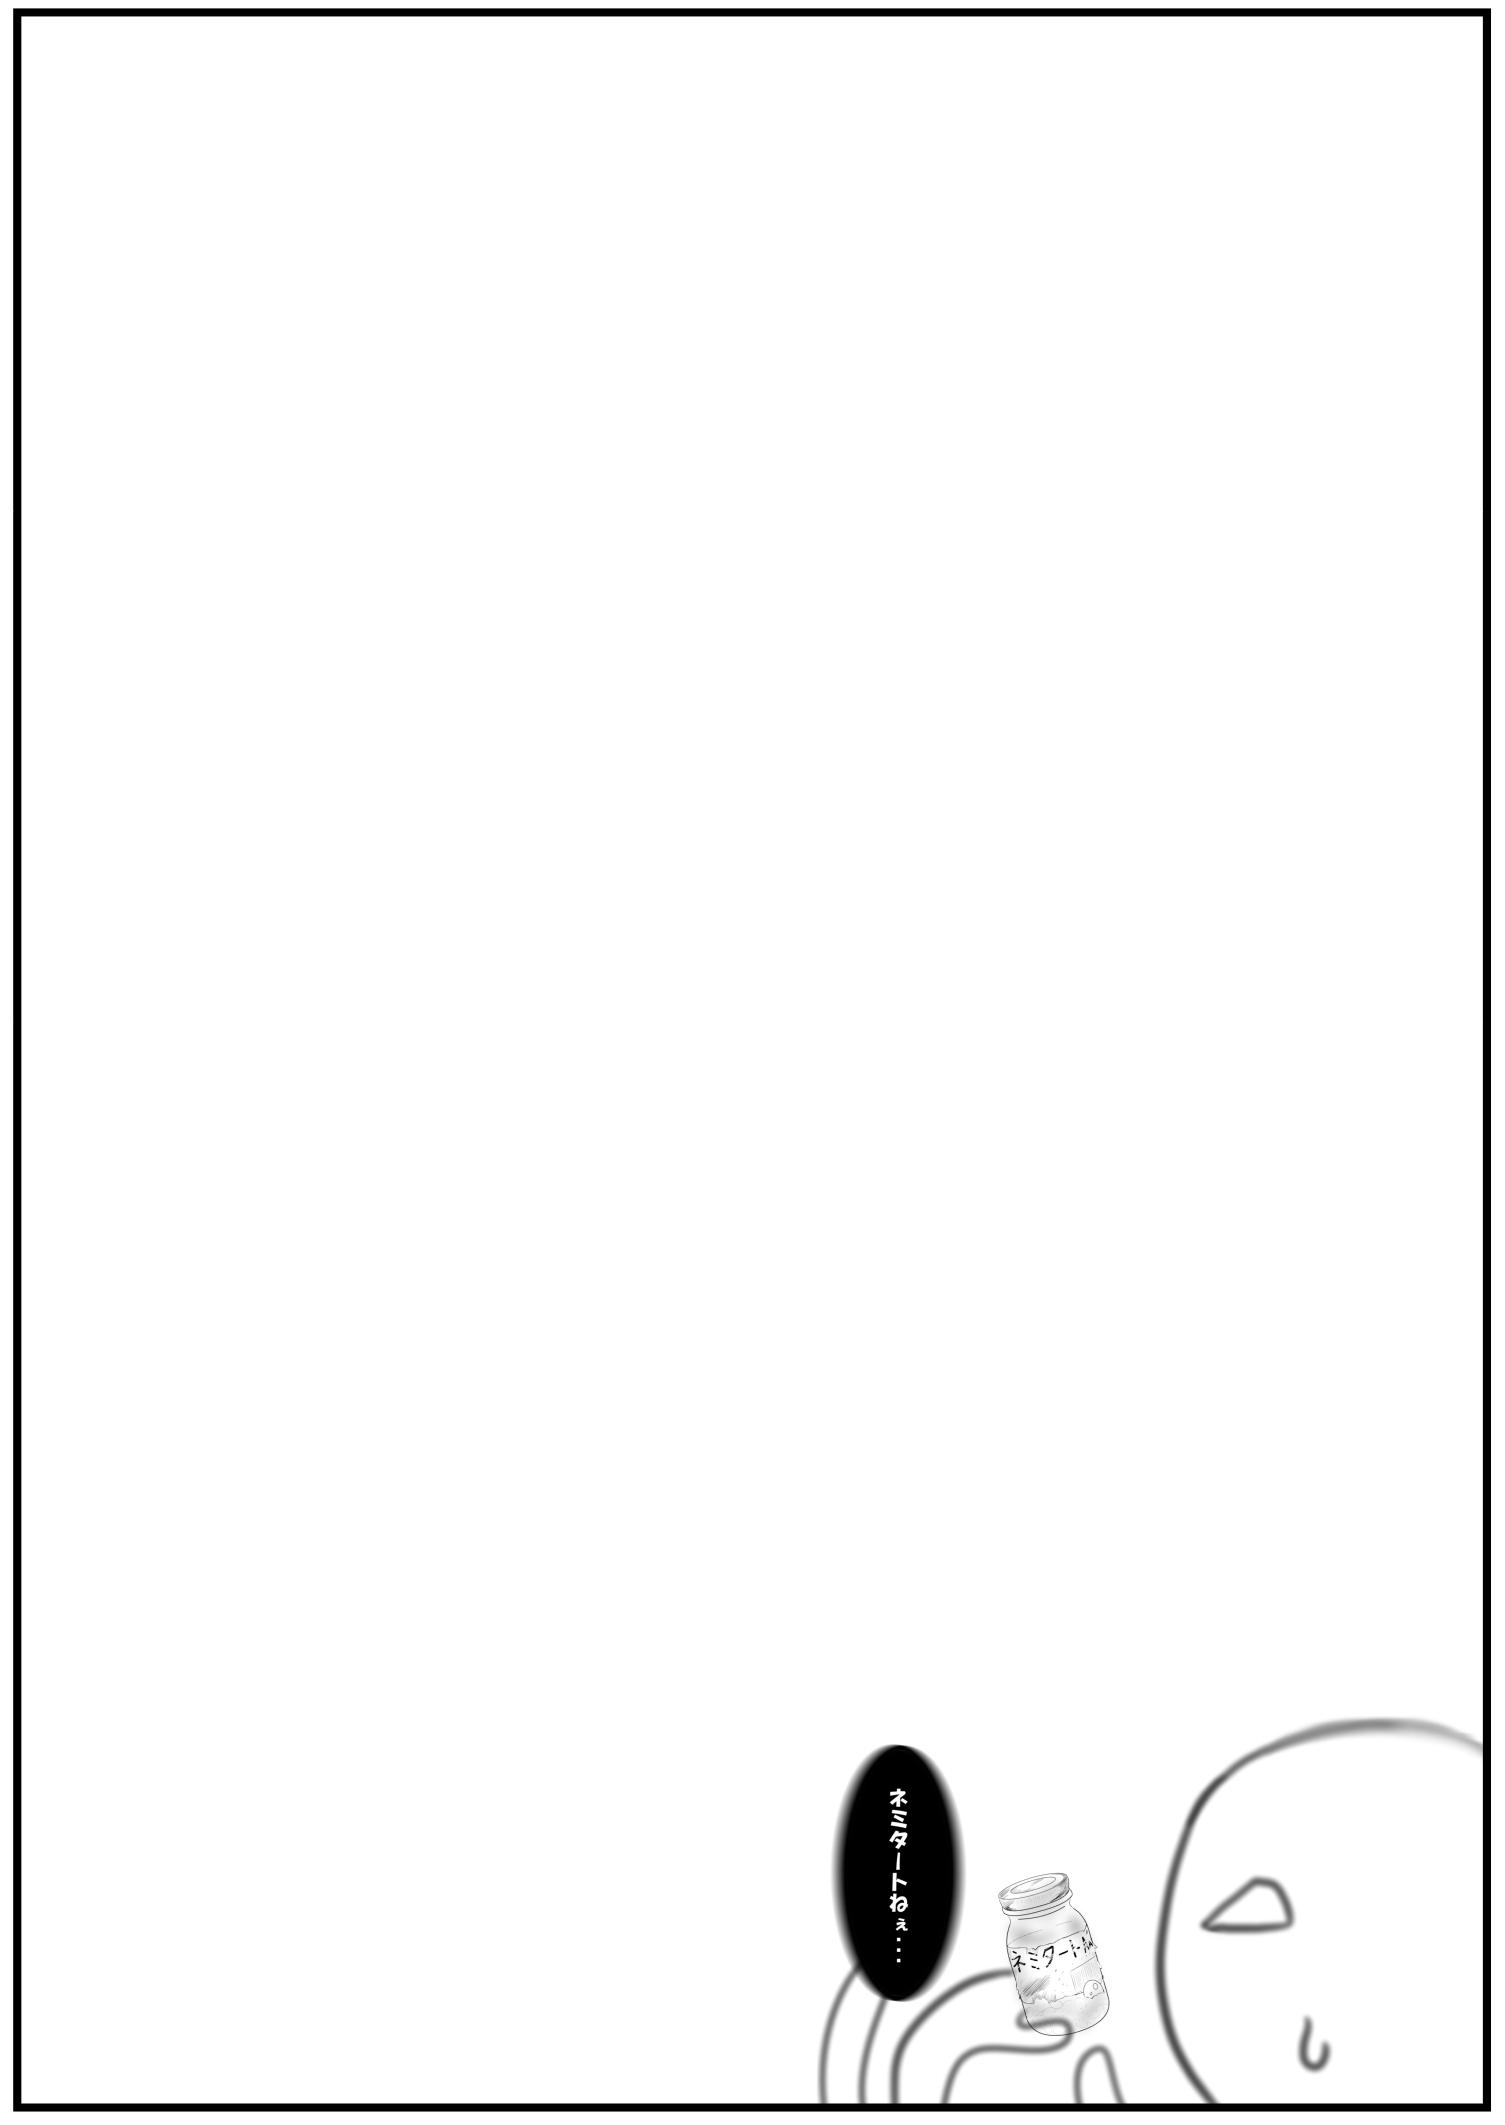 2019-4-13 最高の薬_016